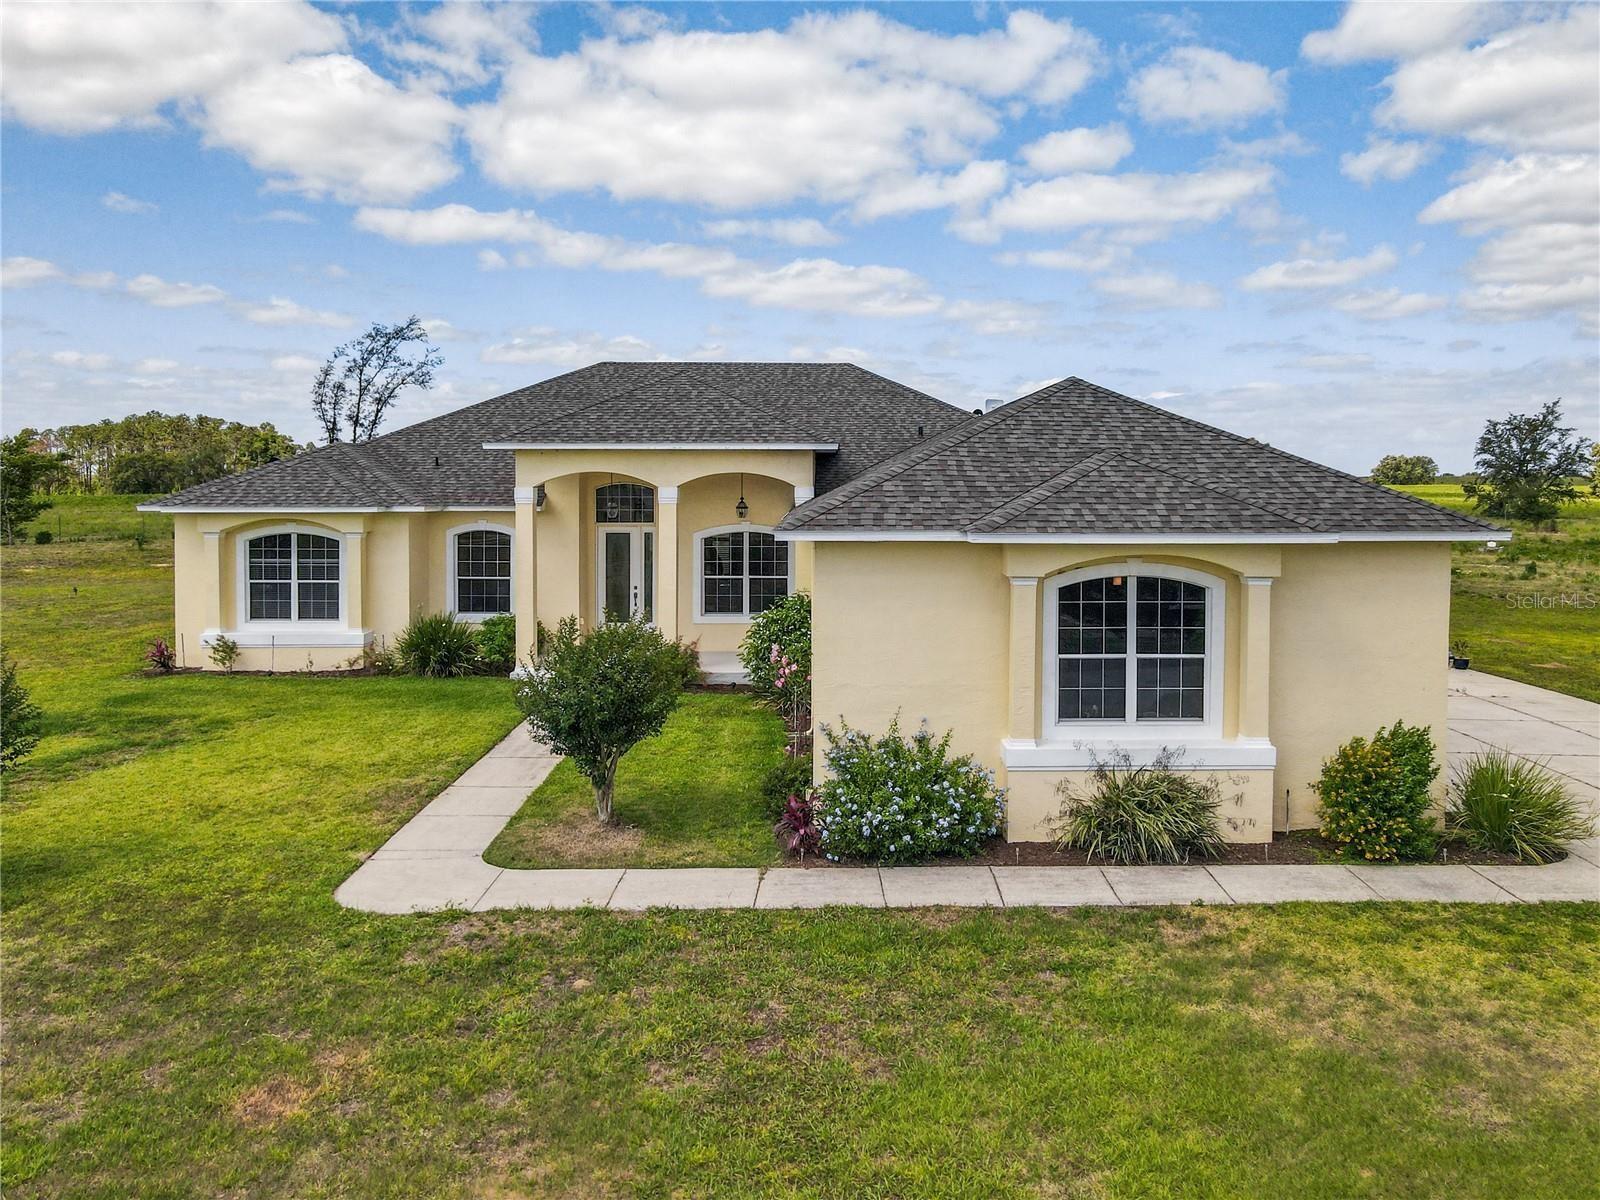 9225 QUIET LANE, Winter Garden, FL 34787 - #: O5945214